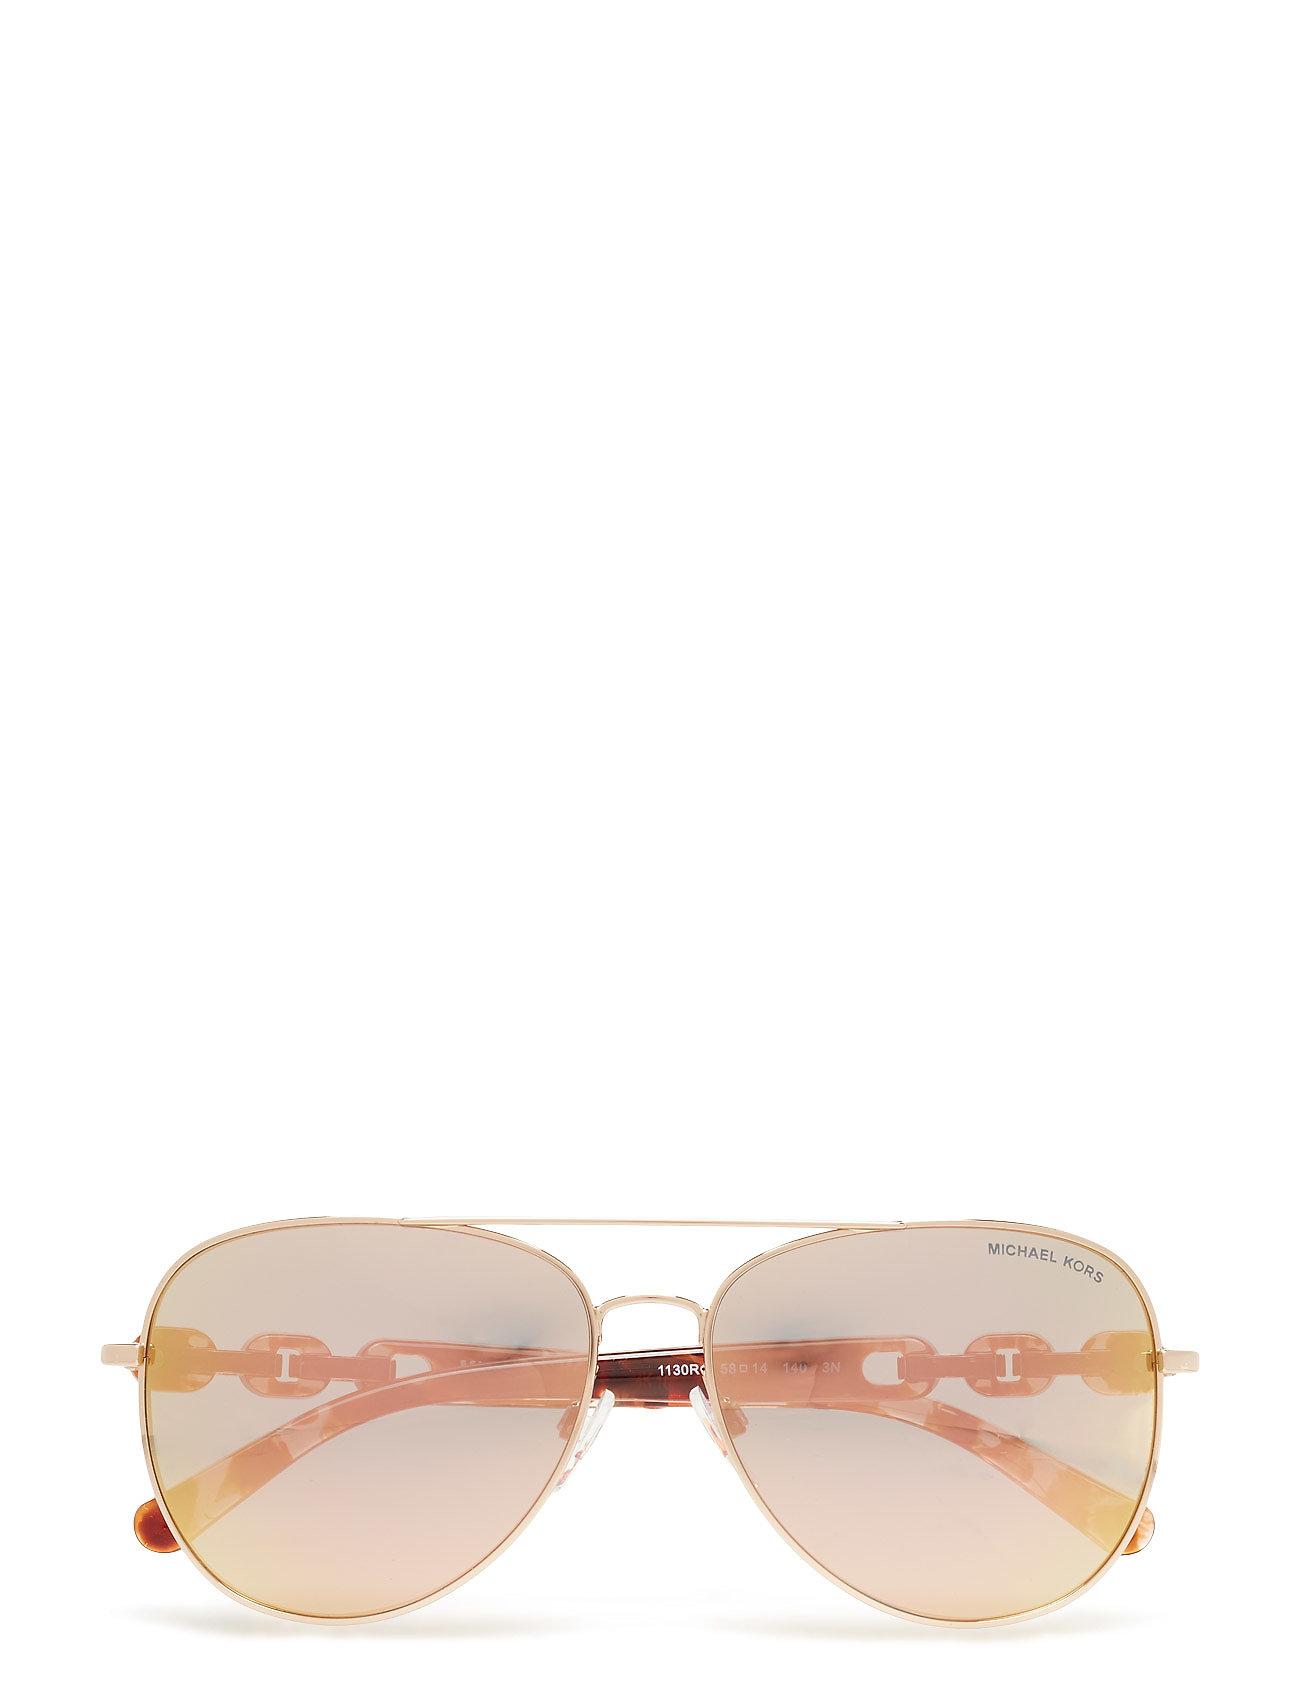 9dc7d9496f6 Pandora aviator solbriller fra Michael Kors til dame i Guld - Pashion.dk